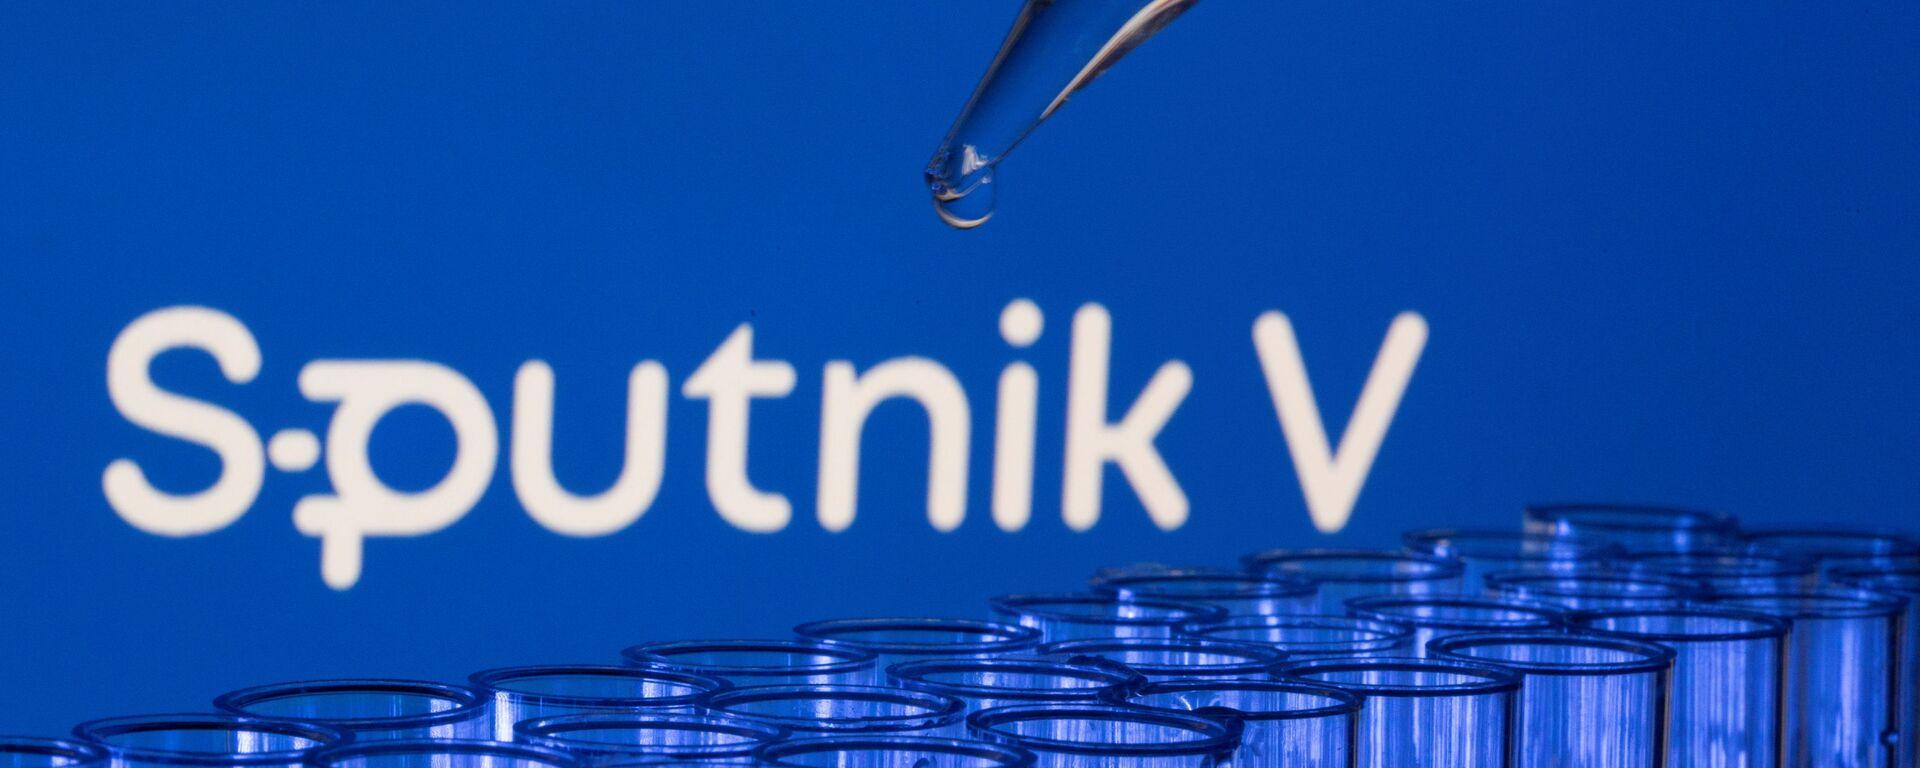 Các ống est được nhìn thấy phía trước logo Sputnik V được hiển thị trong hình minh họa này được chụp, ngày 21 tháng 5 năm 2021. - Sputnik Việt Nam, 1920, 18.06.2021